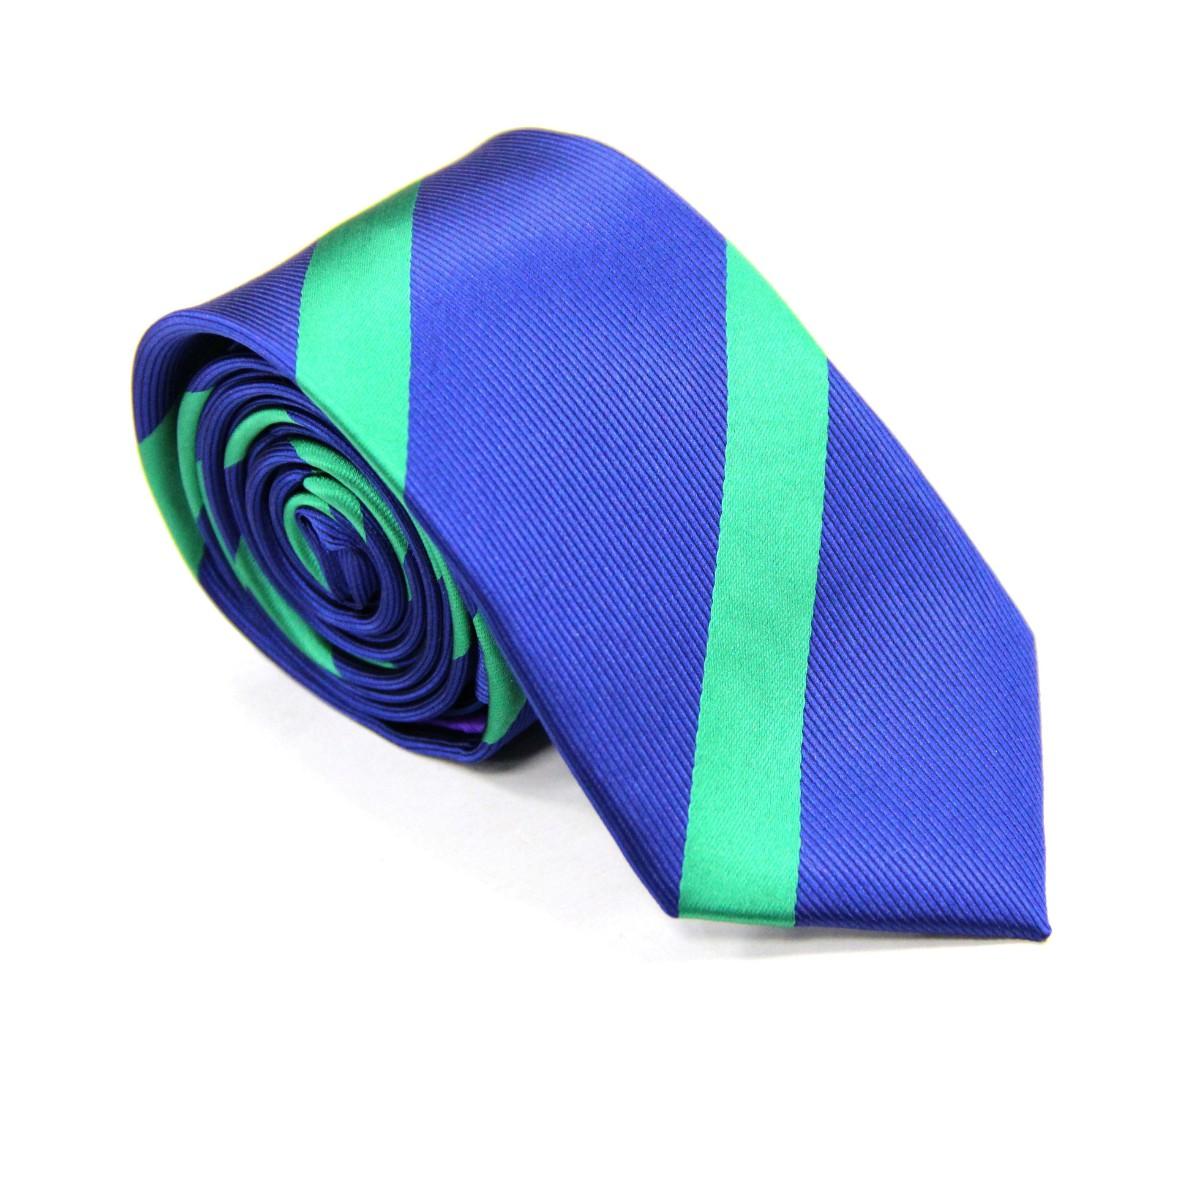 Green Stripe Navy Tie for Men Ties Online